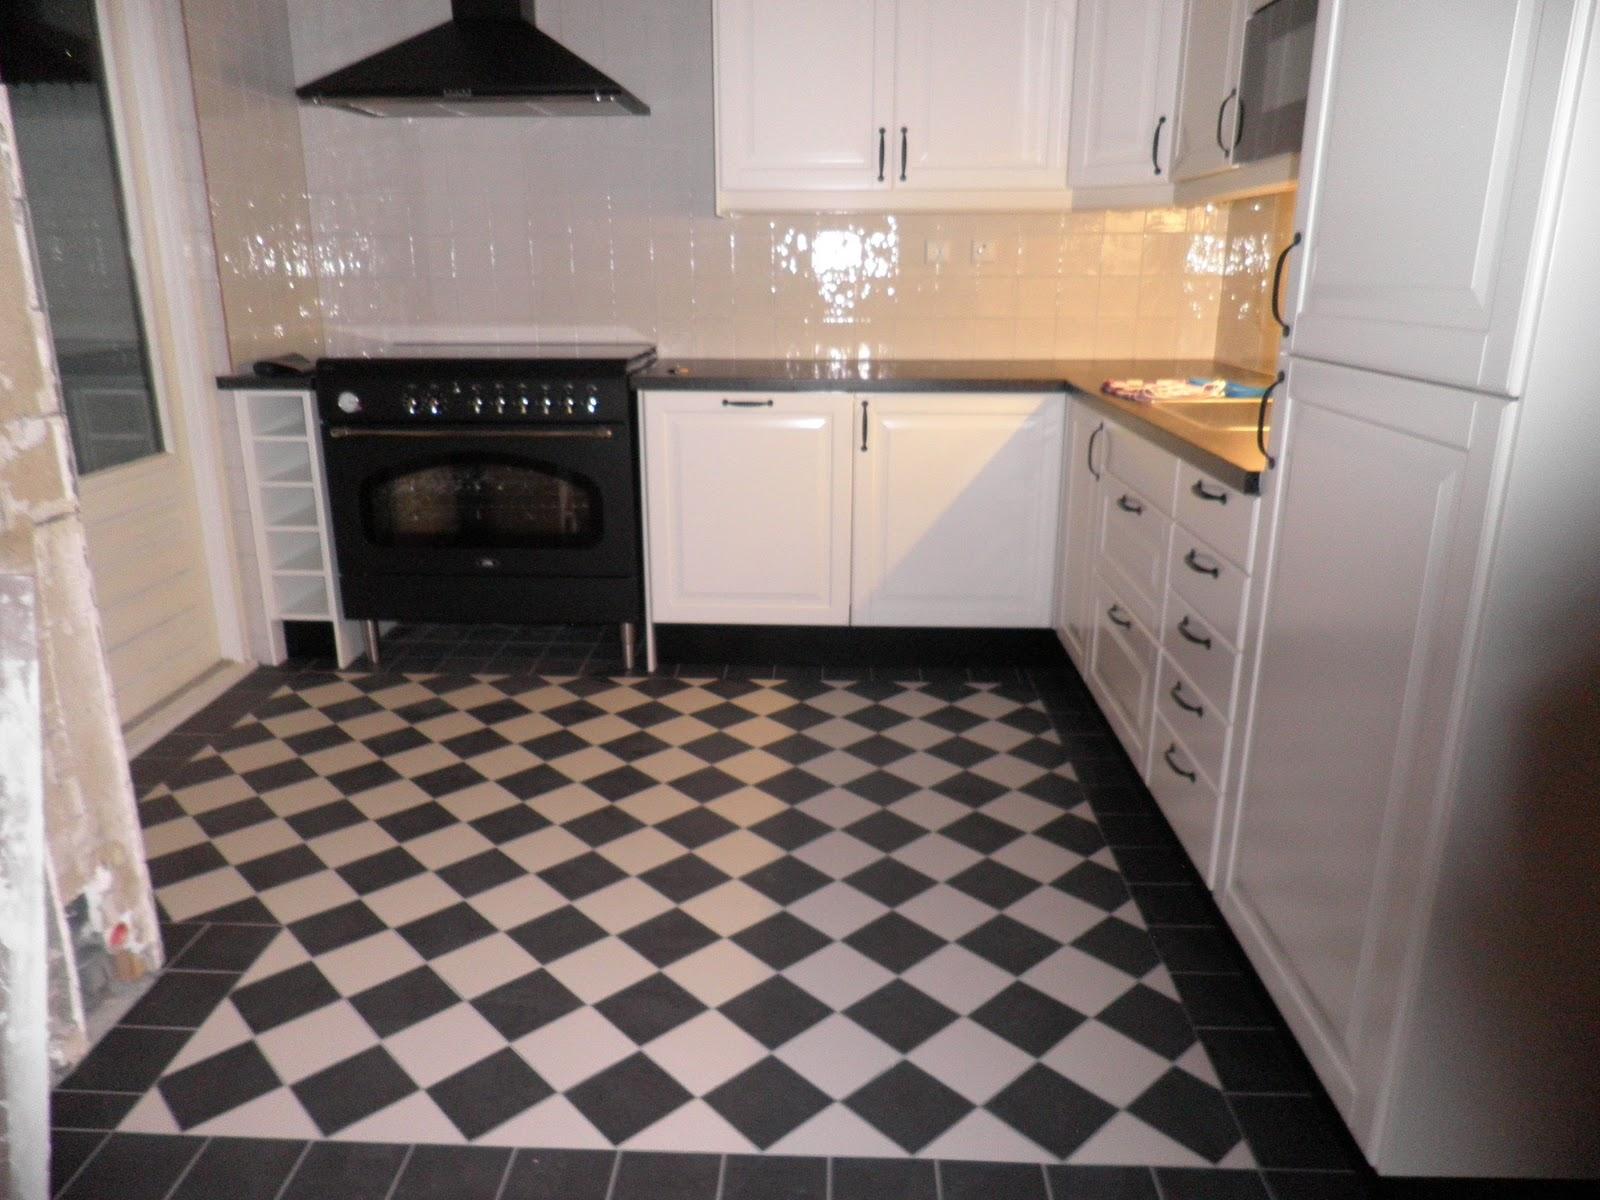 Design Wandtegels Keuken : Zwart wit wandtegels keuken verven picture